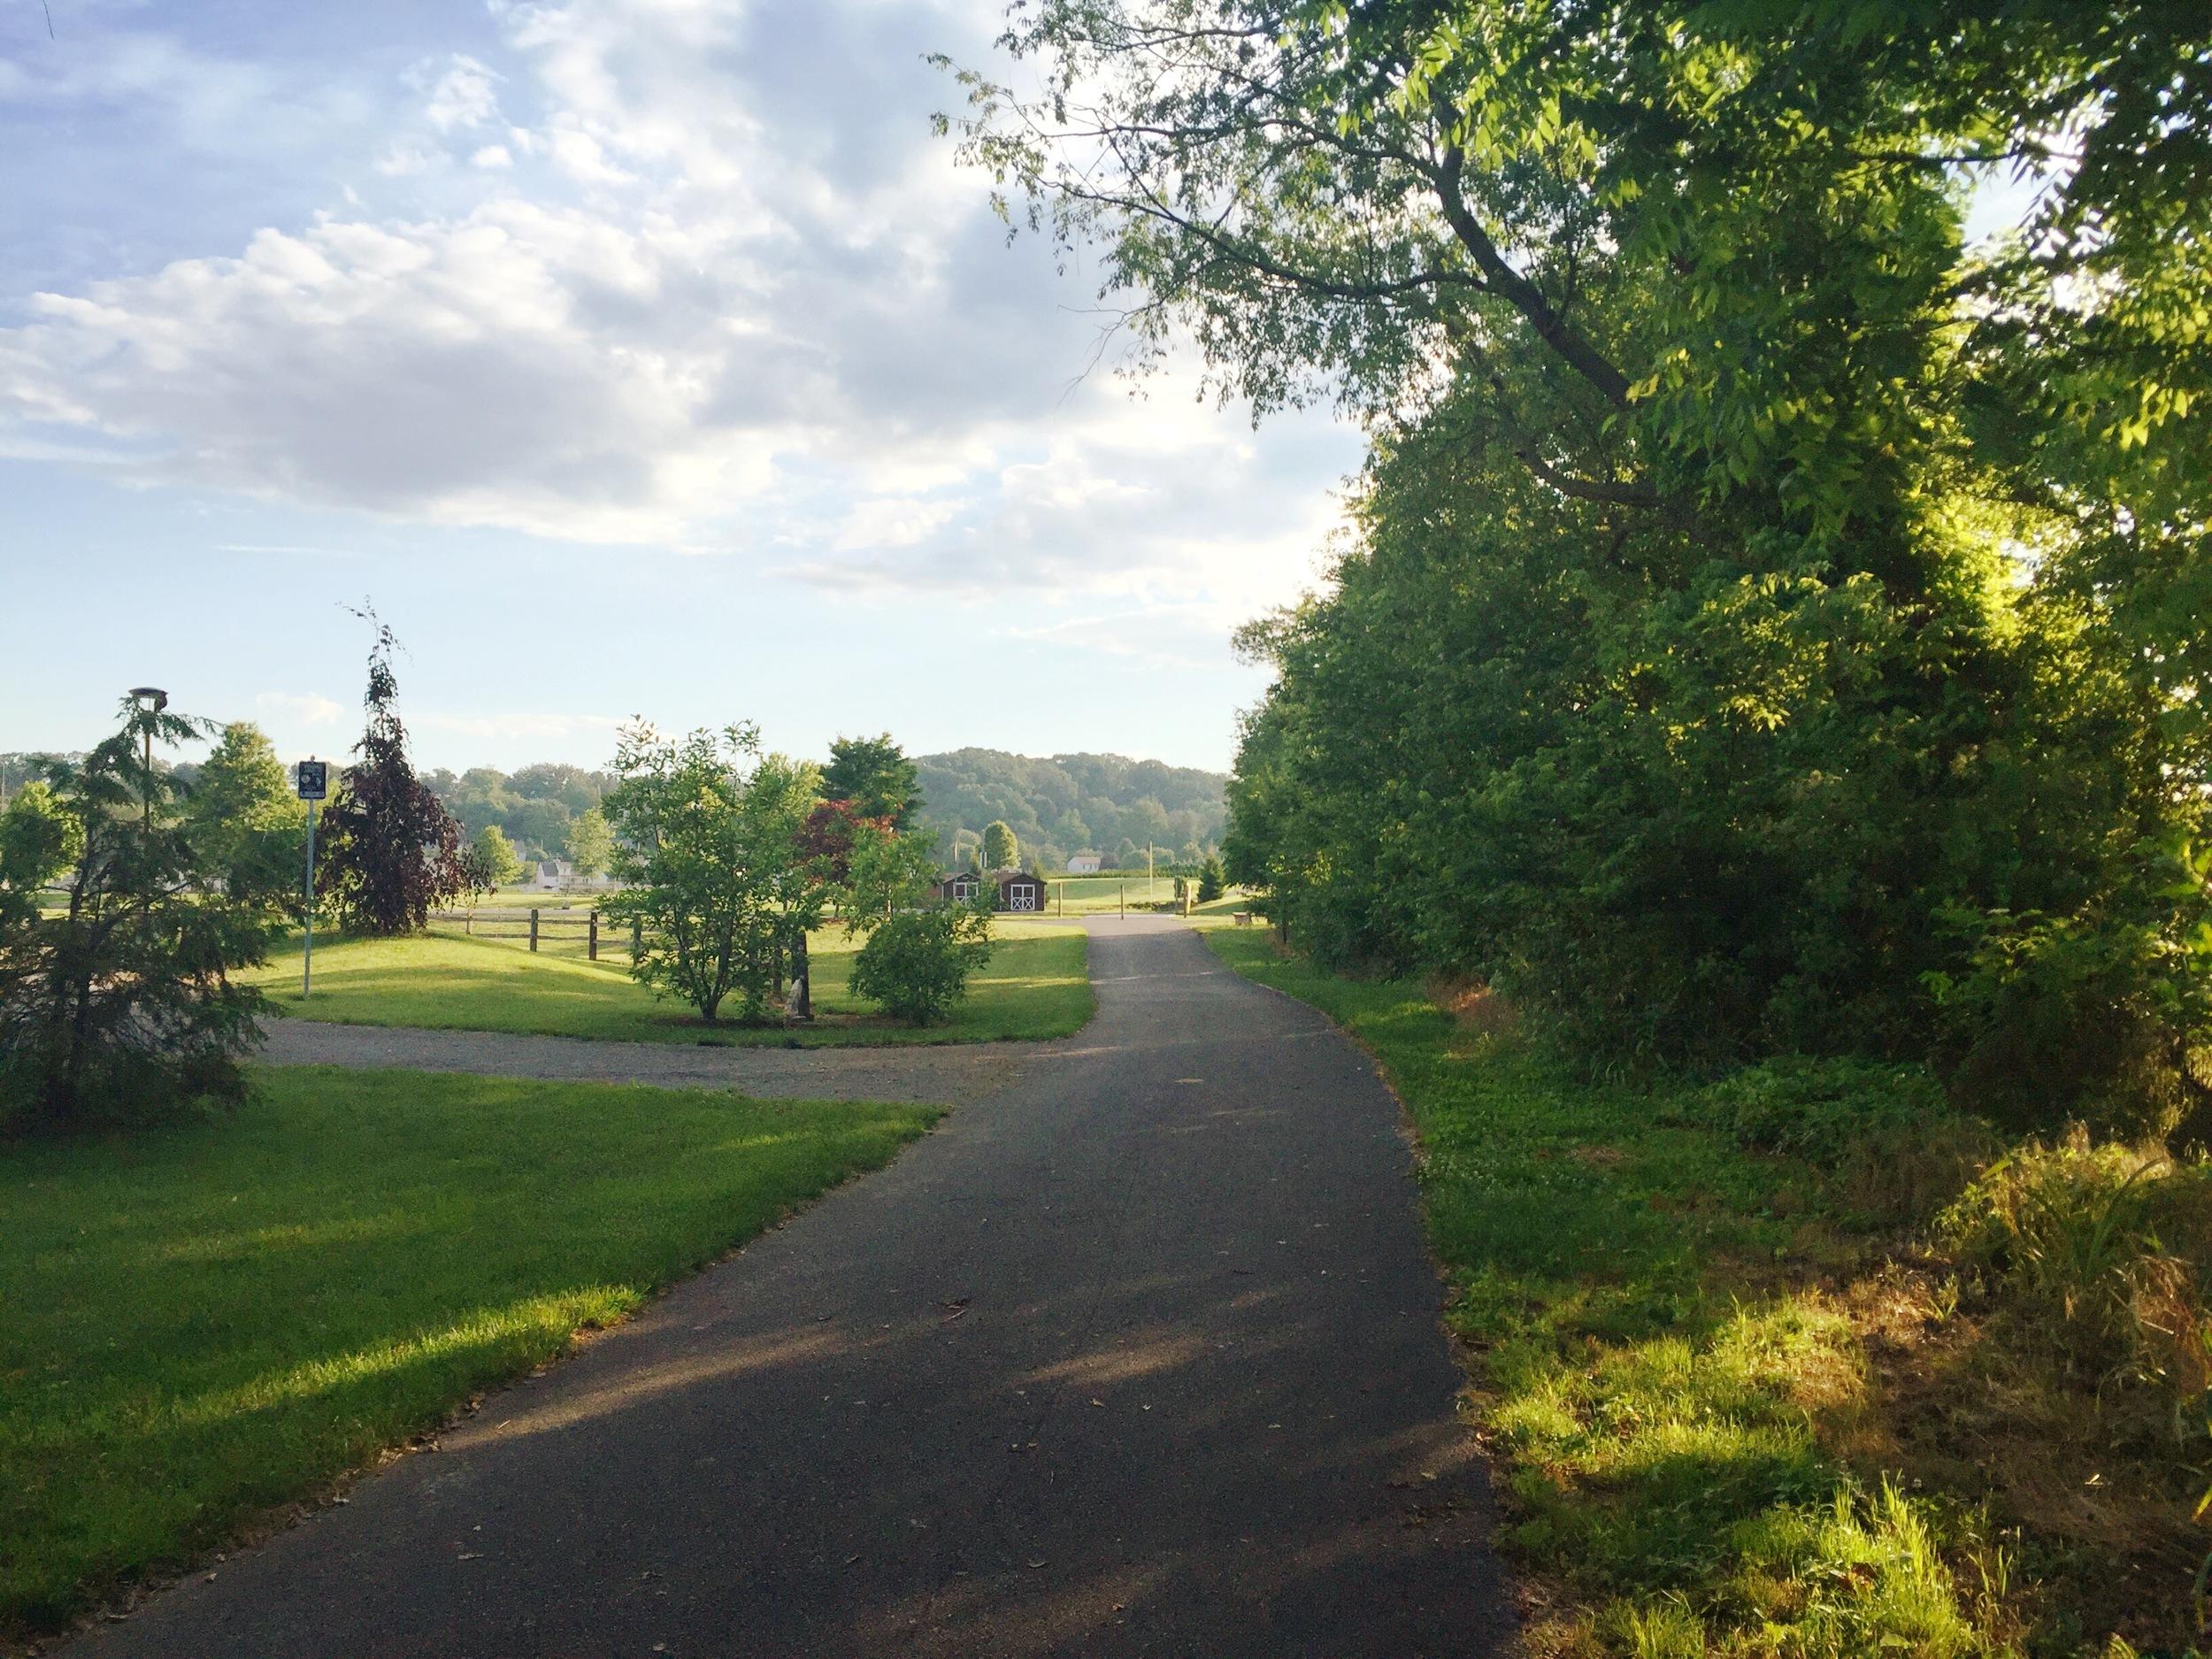 PA trails